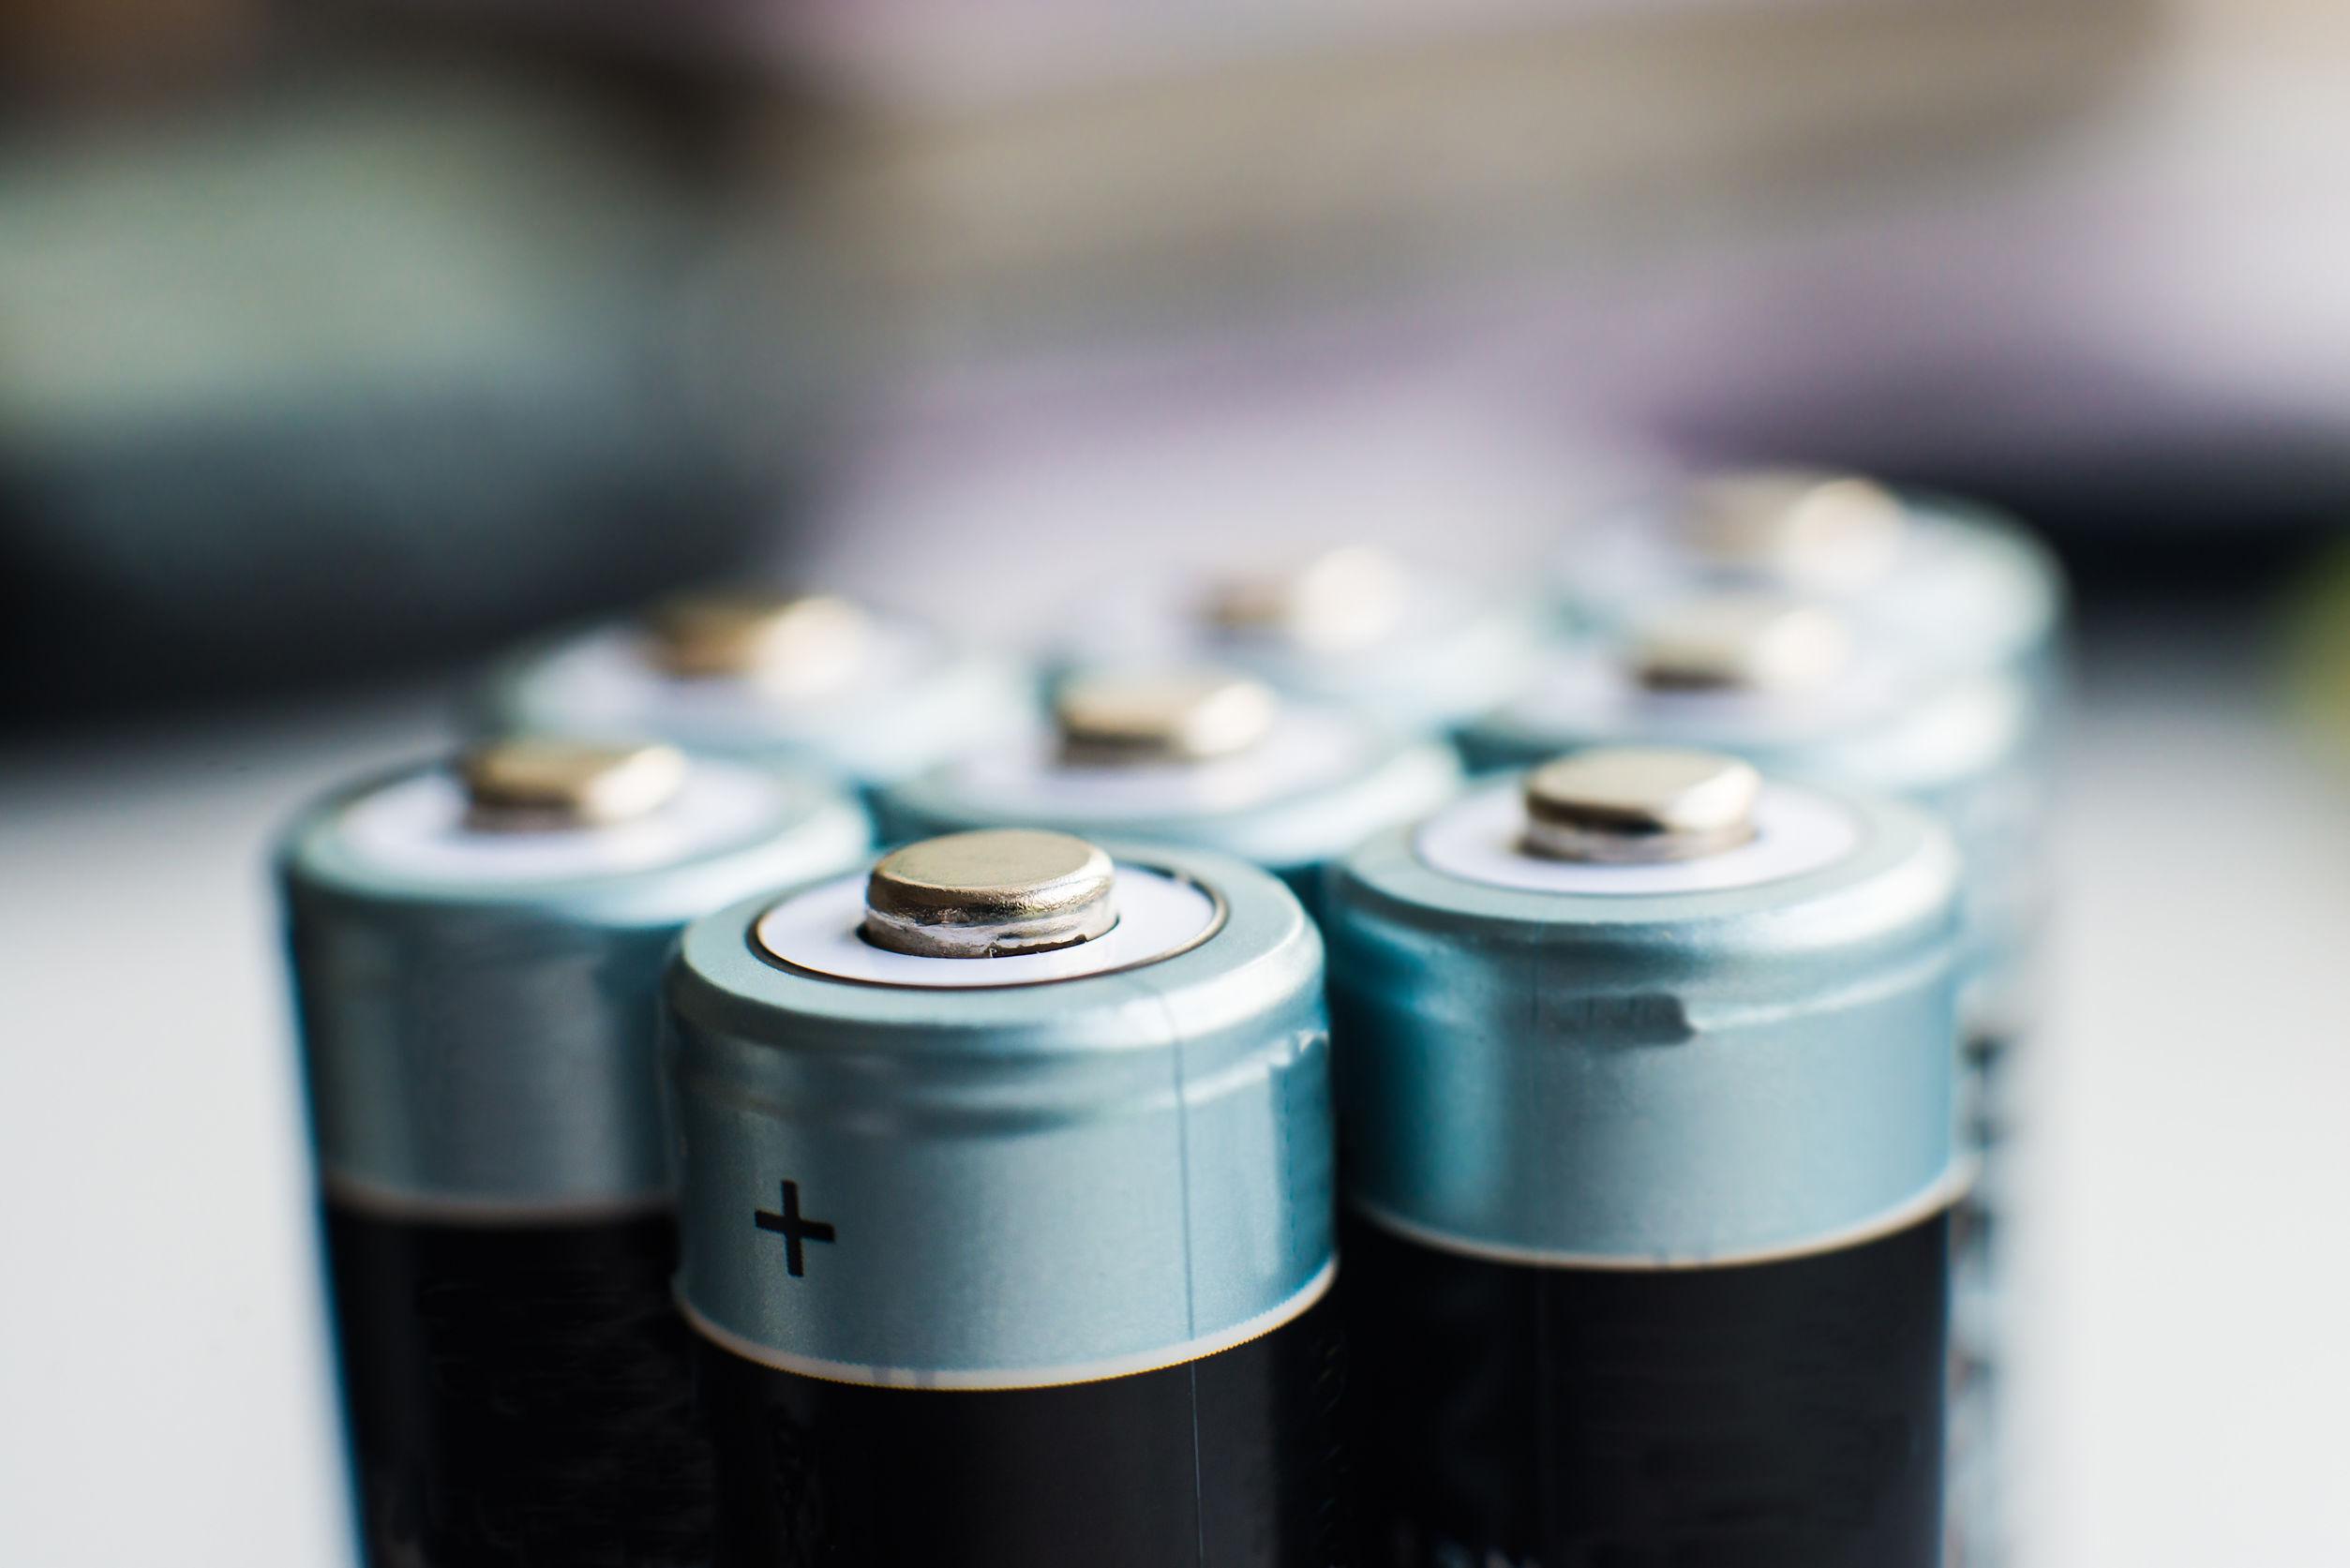 baterias o pilas